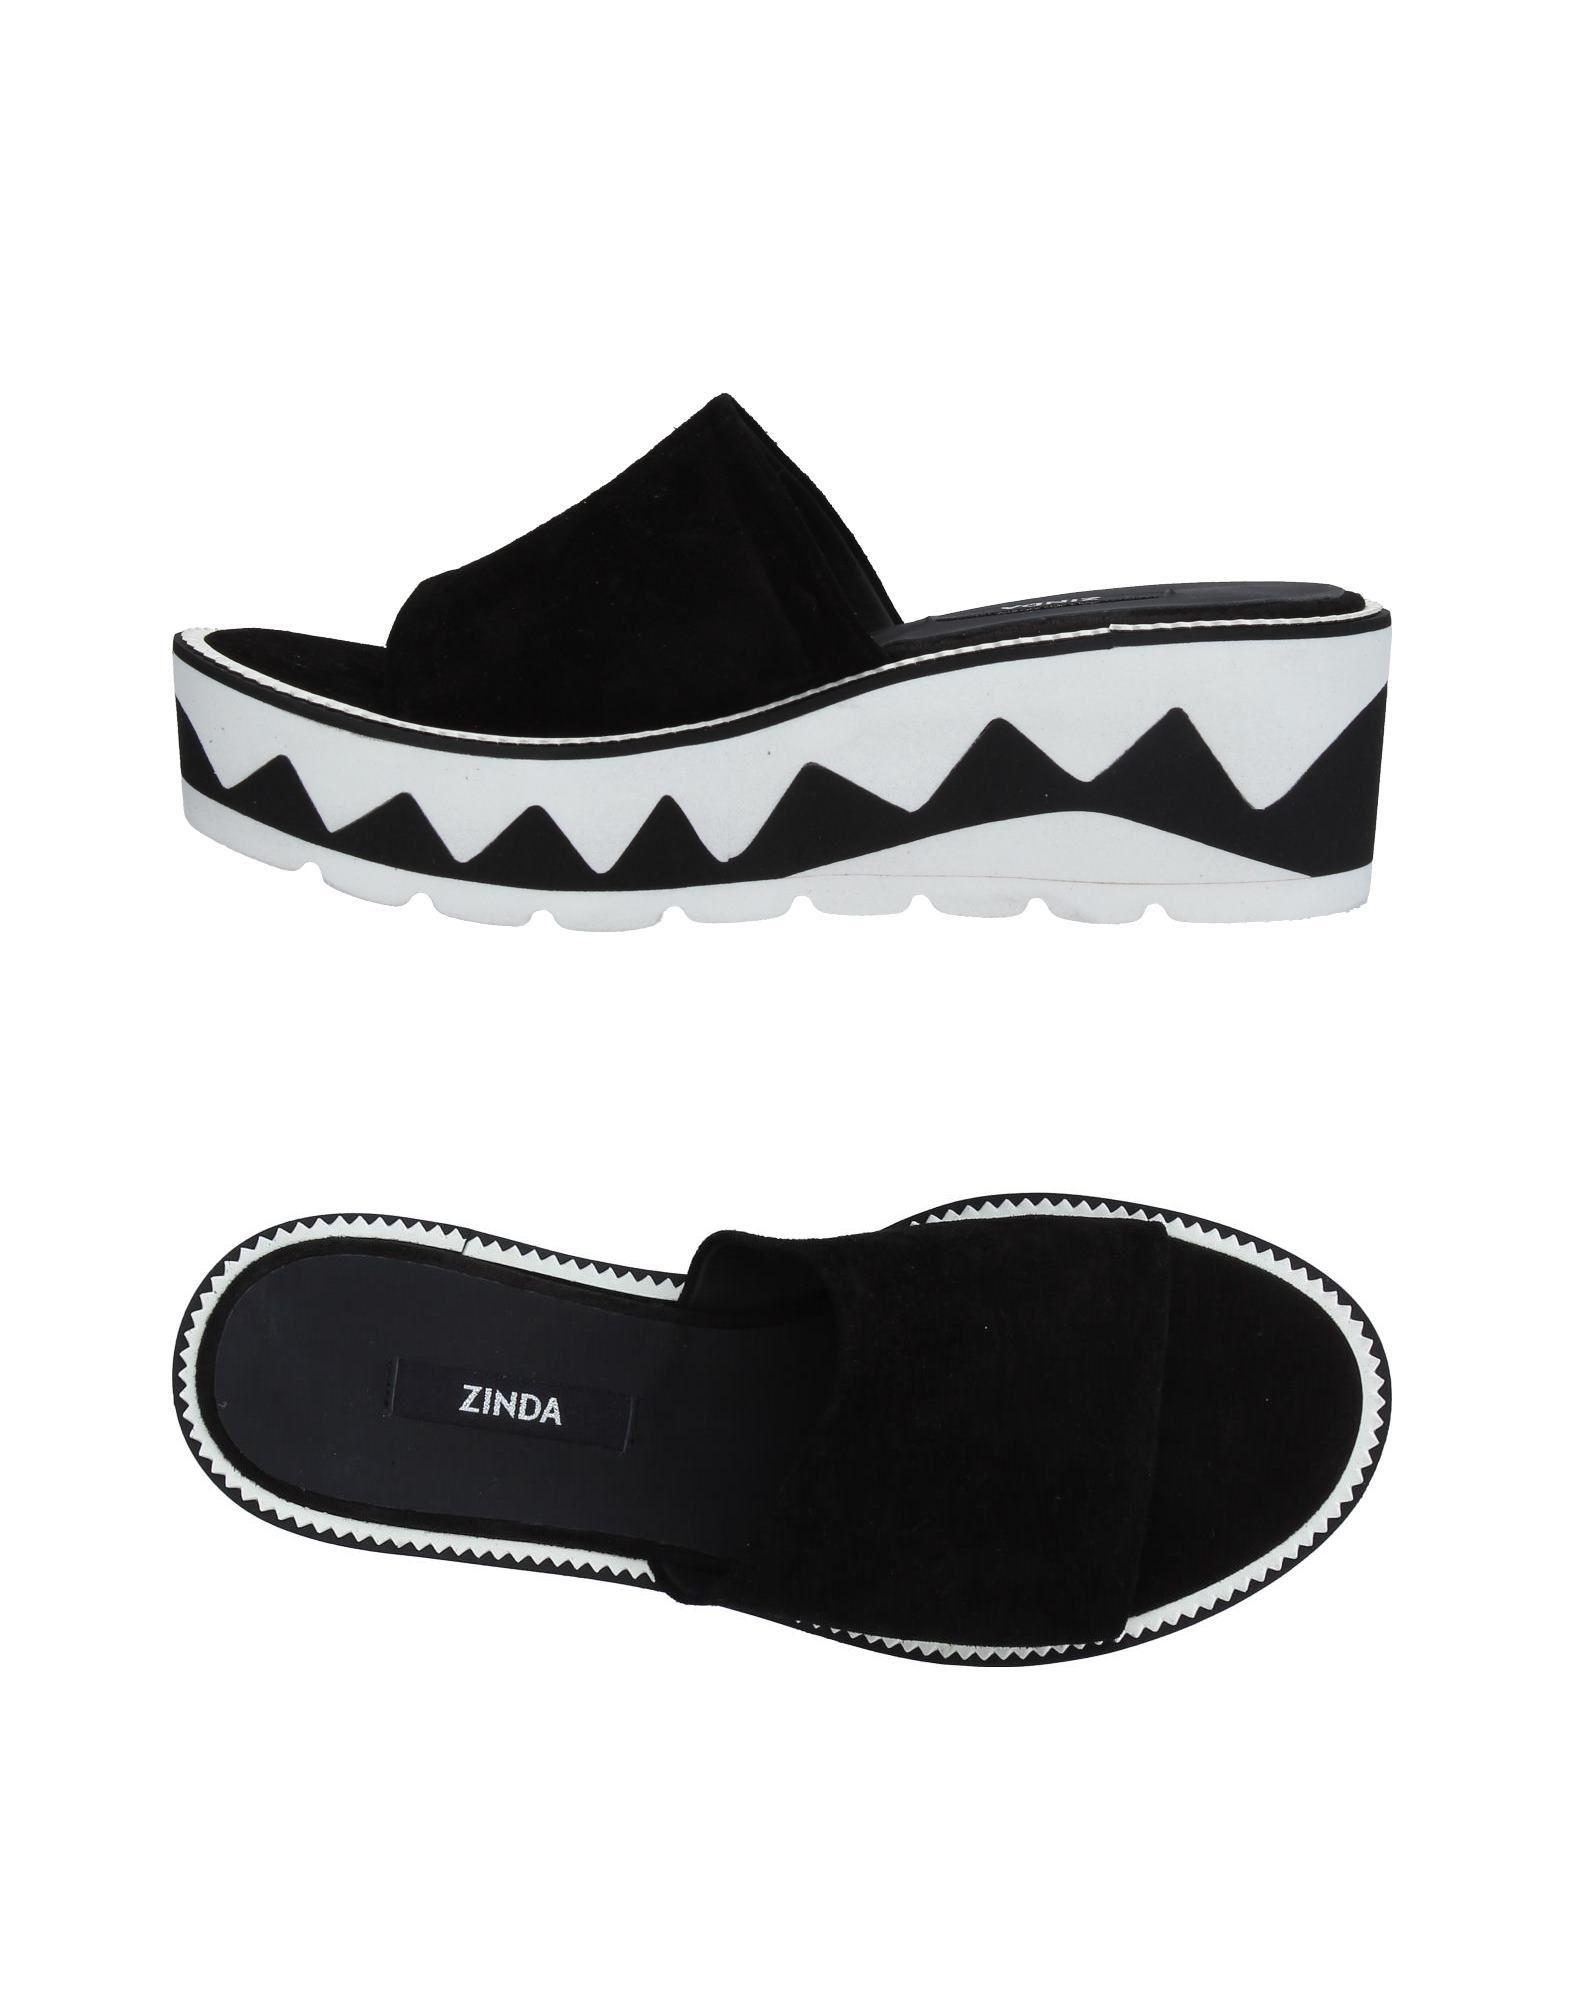 Haltbare Mode billige Schuhe Zinda Sandalen Damen  11208234VN Heiße Schuhe